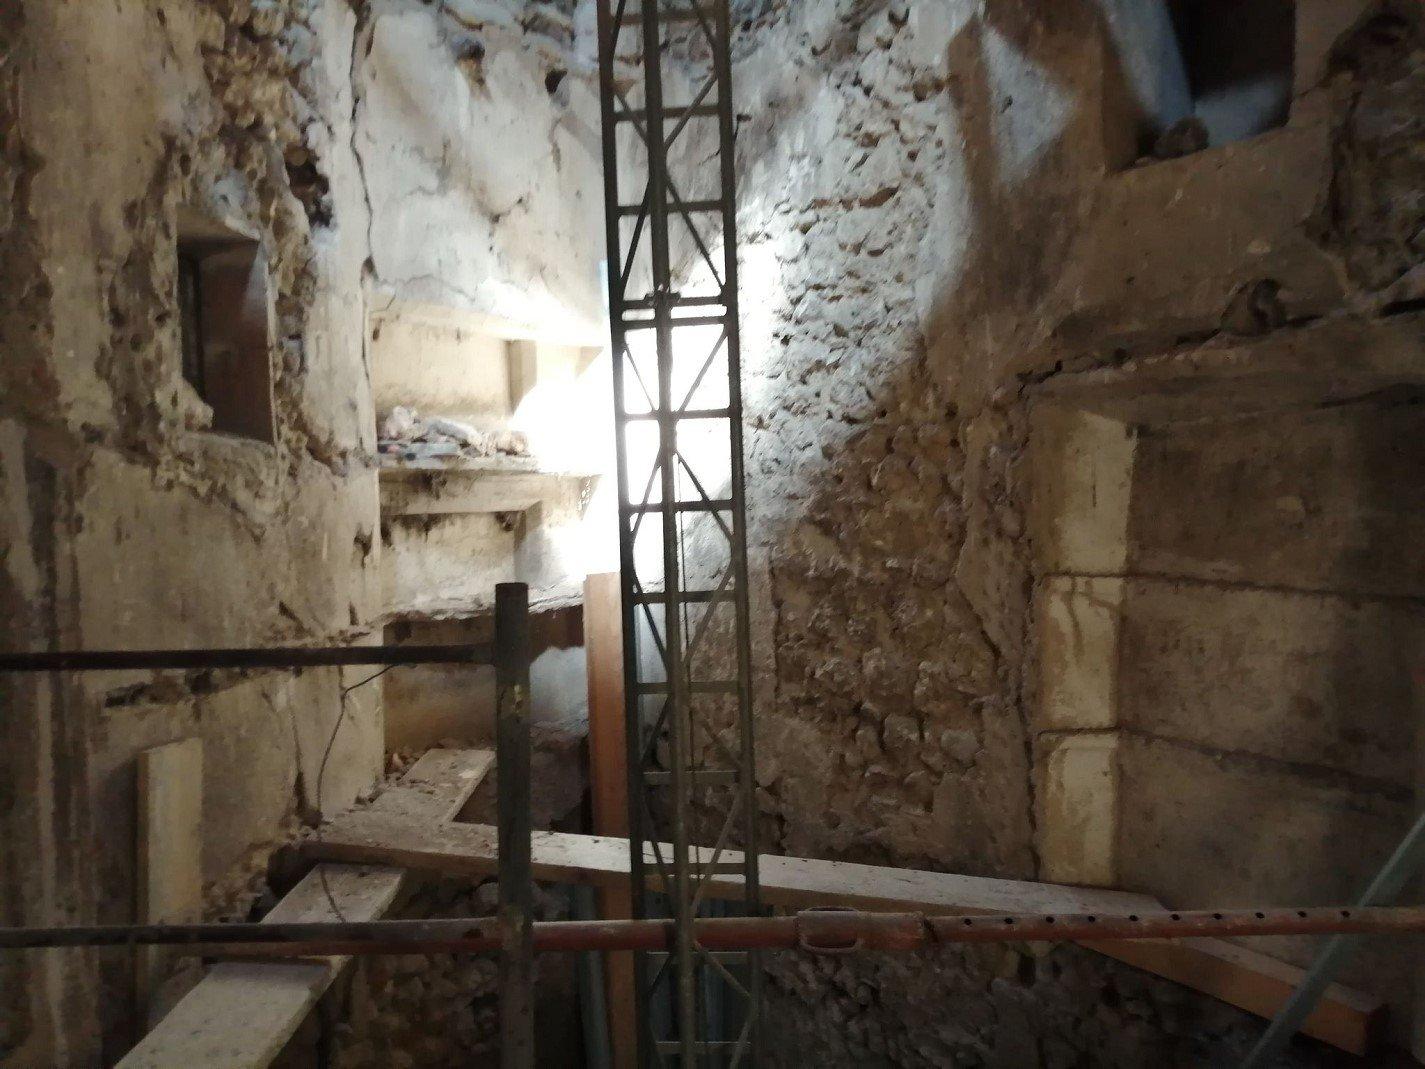 Ett renoverings projekt med potential